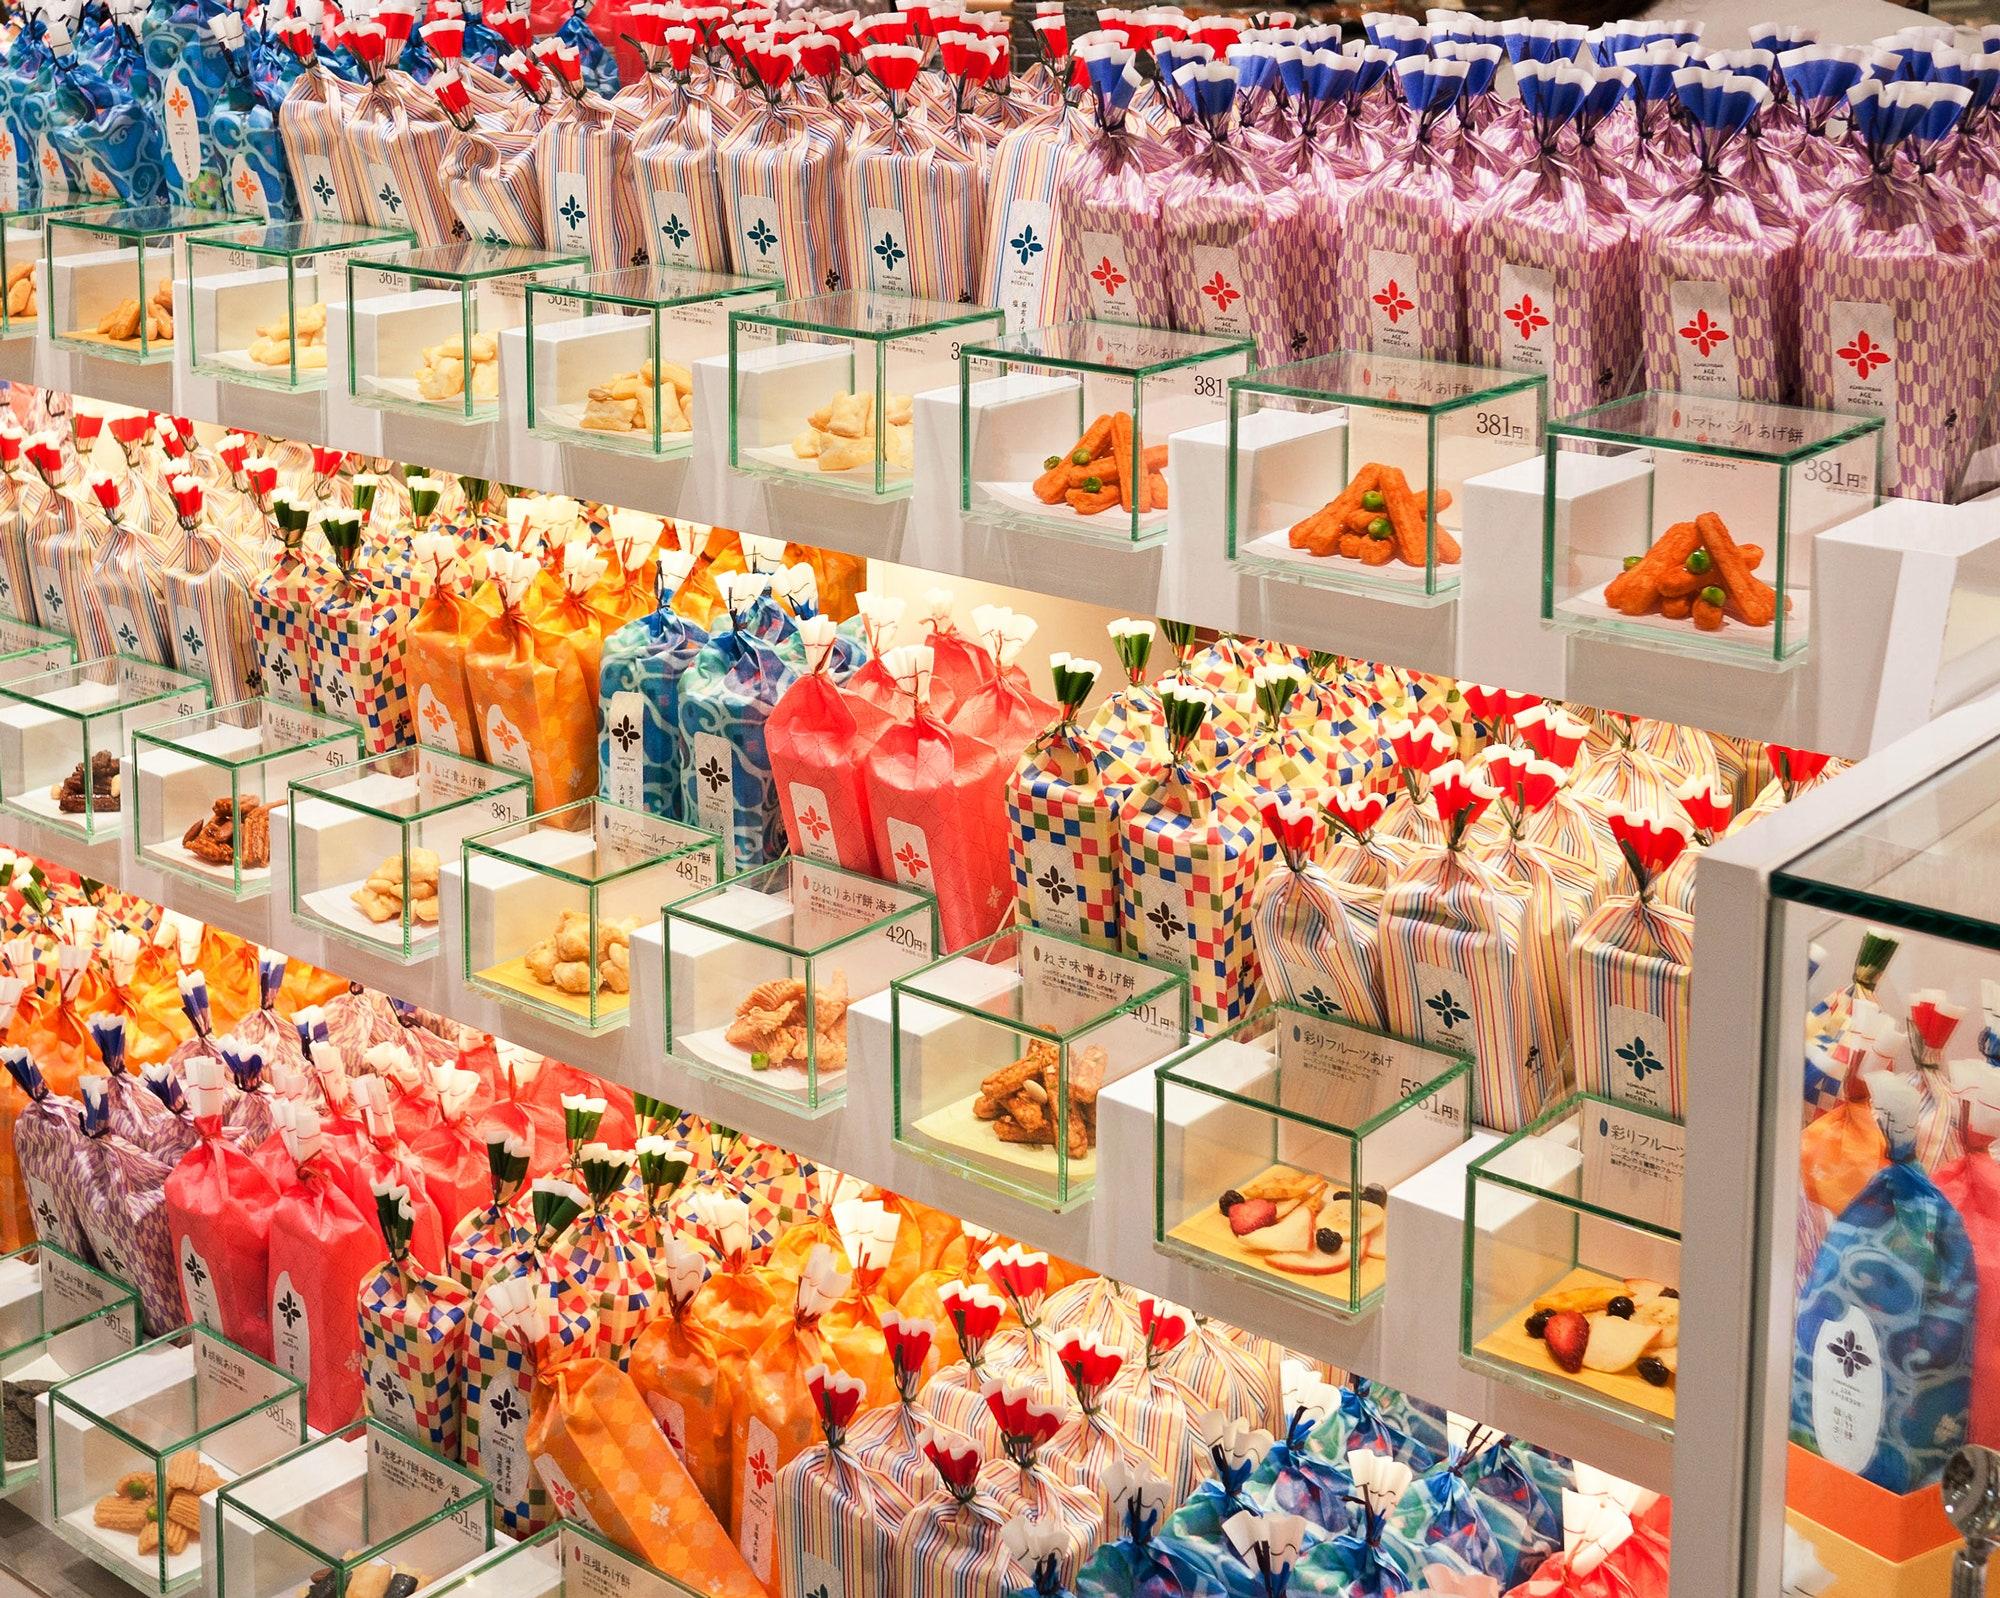 Luxury Prepackaged Food at Japanese Department Store